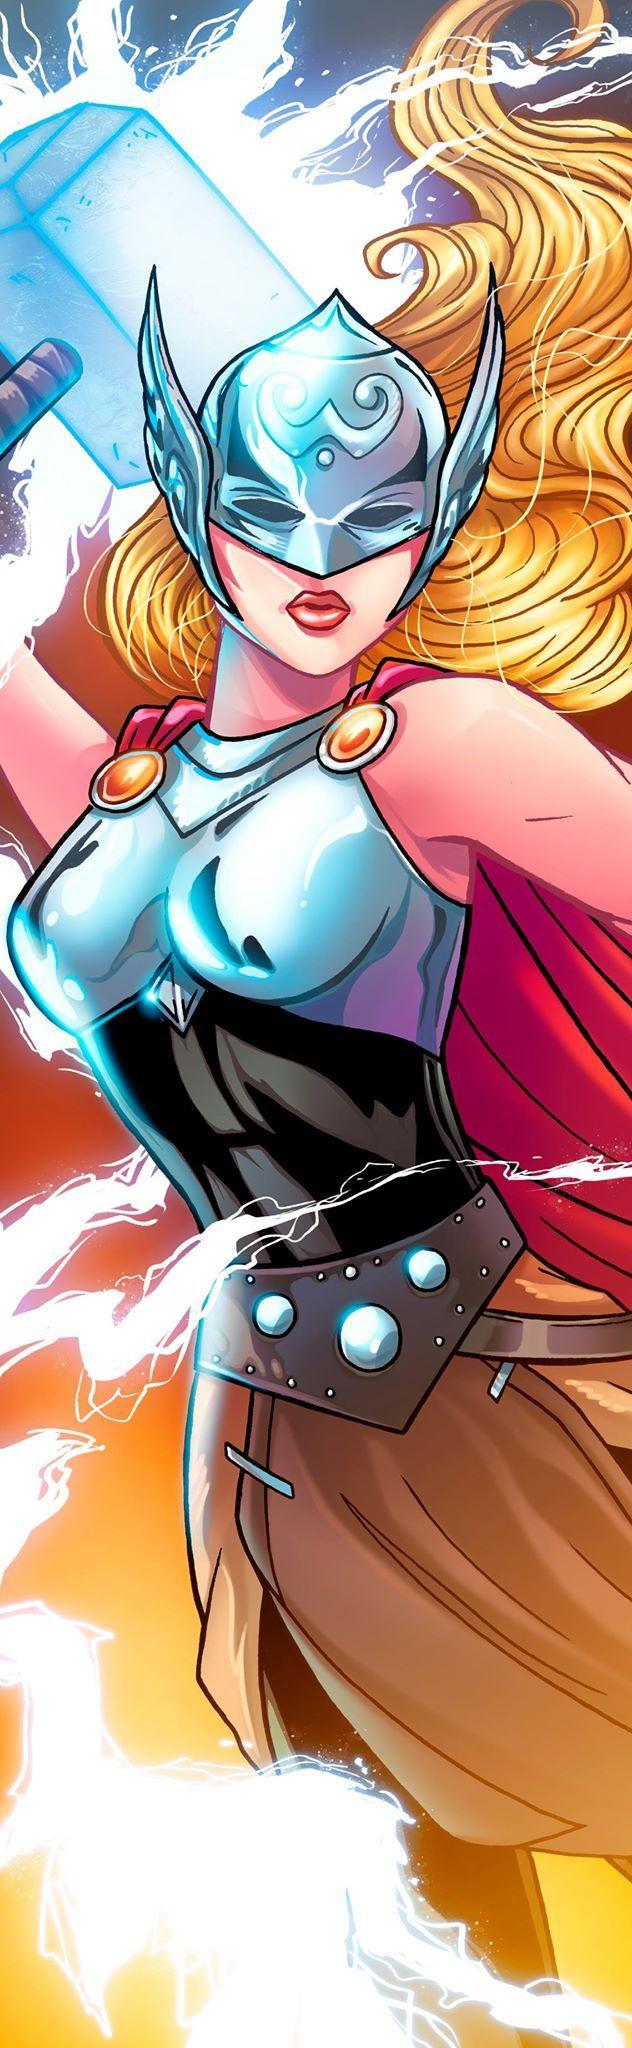 Thor Jane Foster Panel Art By Richbernatovech On Deviantart Marvel Comics Art Female Thor Marvel Comic Character